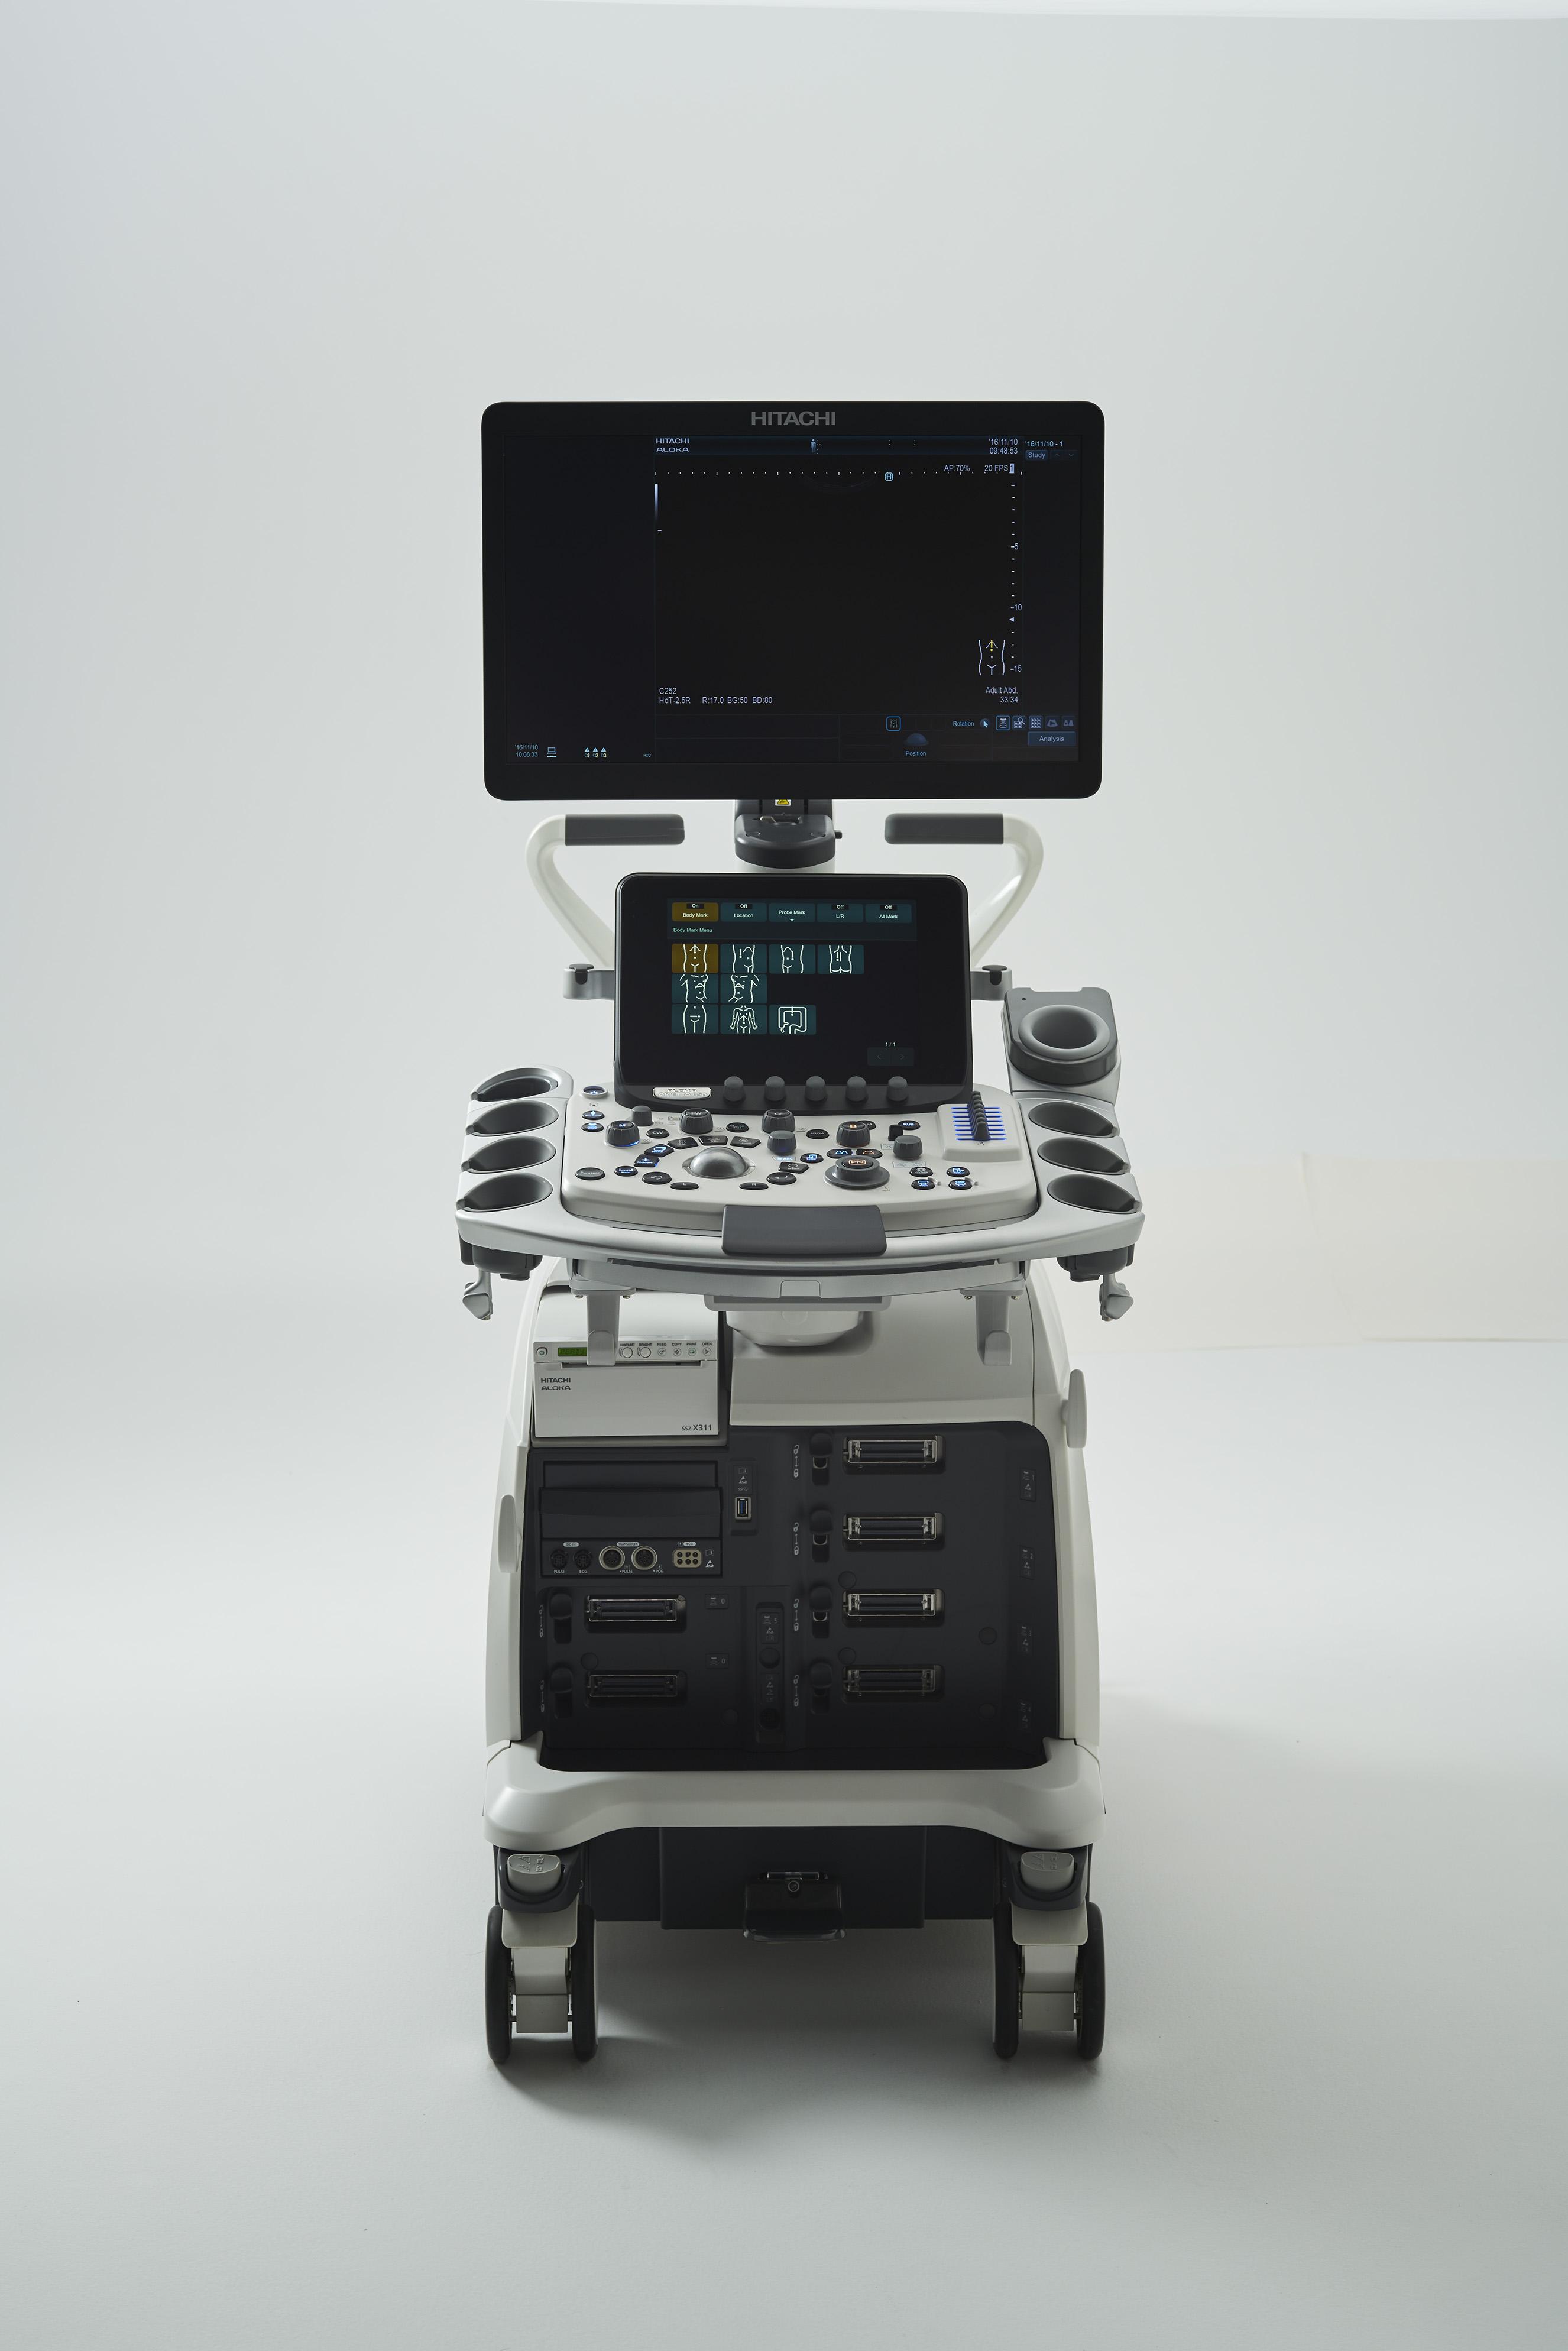 超音波診断装置 ARIETTA 850